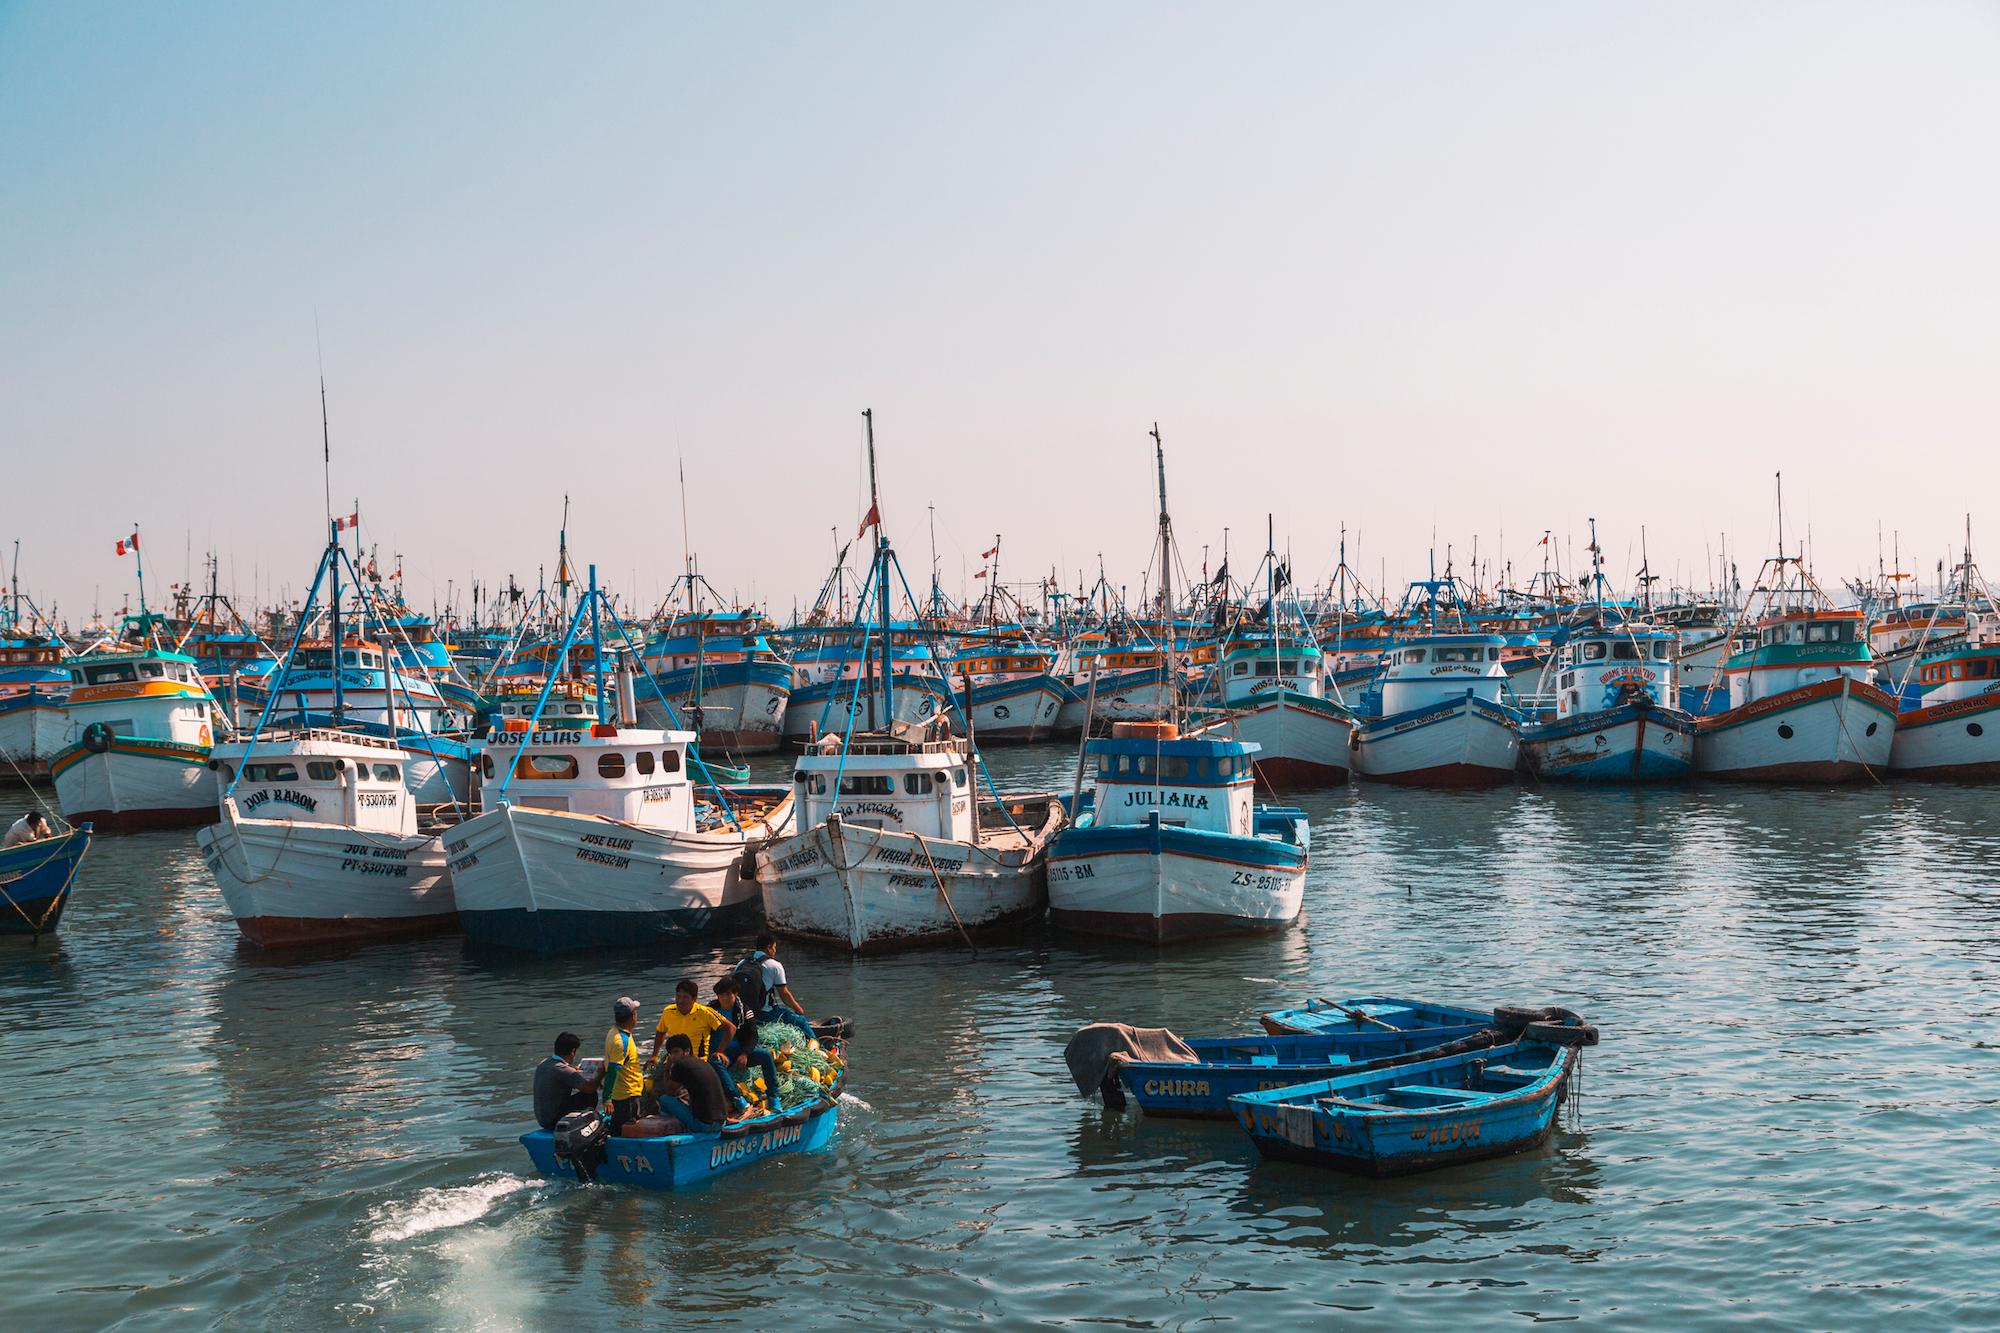 El mar de Perú se captura el 10% de toda la pesca a nivel mundial. Foto: Yawar / WWF Perú.